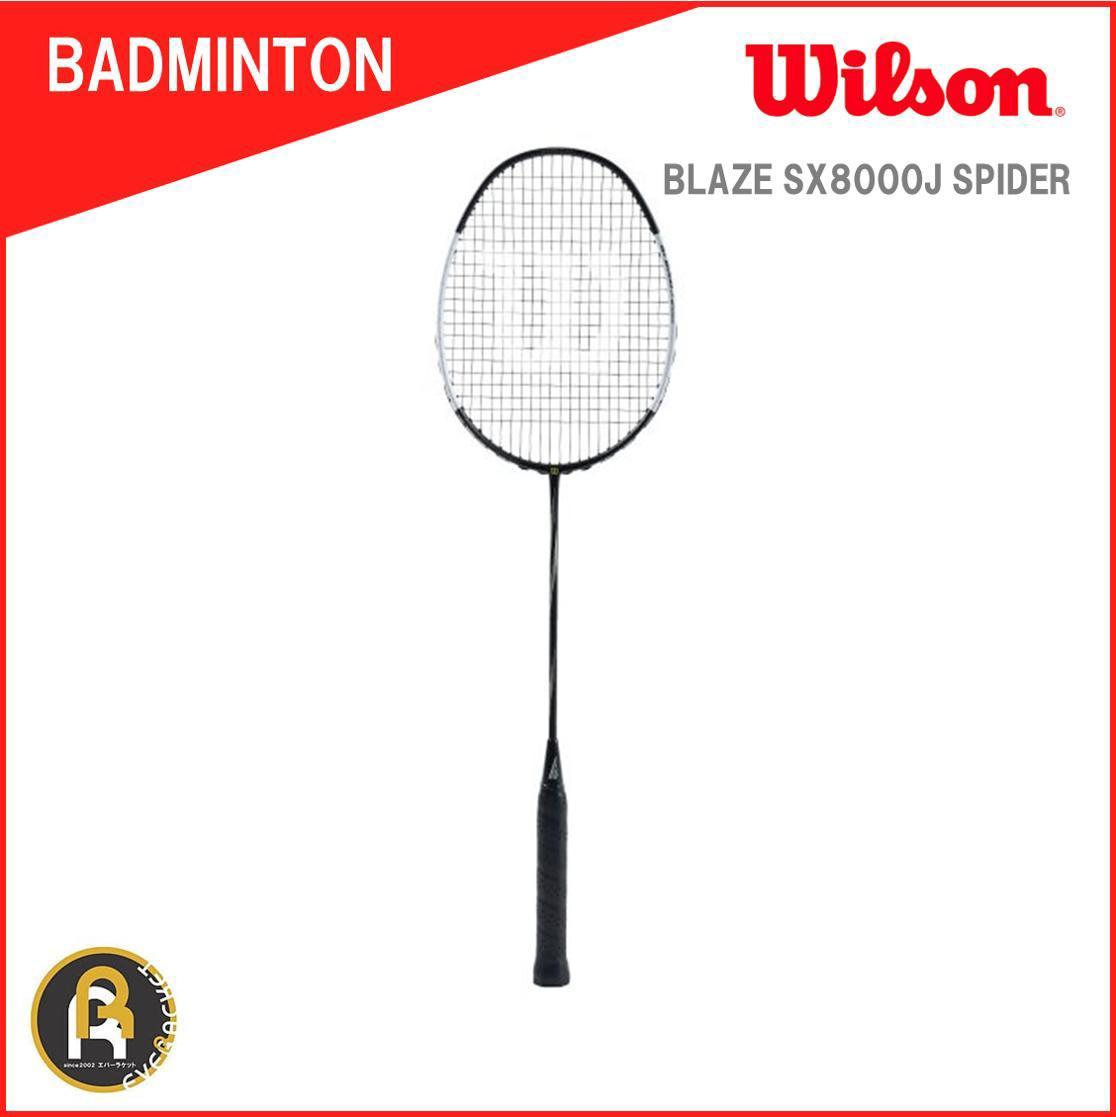 ウイルソン Wilson バドミントン ラケット バドミントンラケット ガット代 張り上げ代無料 BLAZE SX8000J SPIDER ブレイズSX8000Jスパイダー WRT8827202